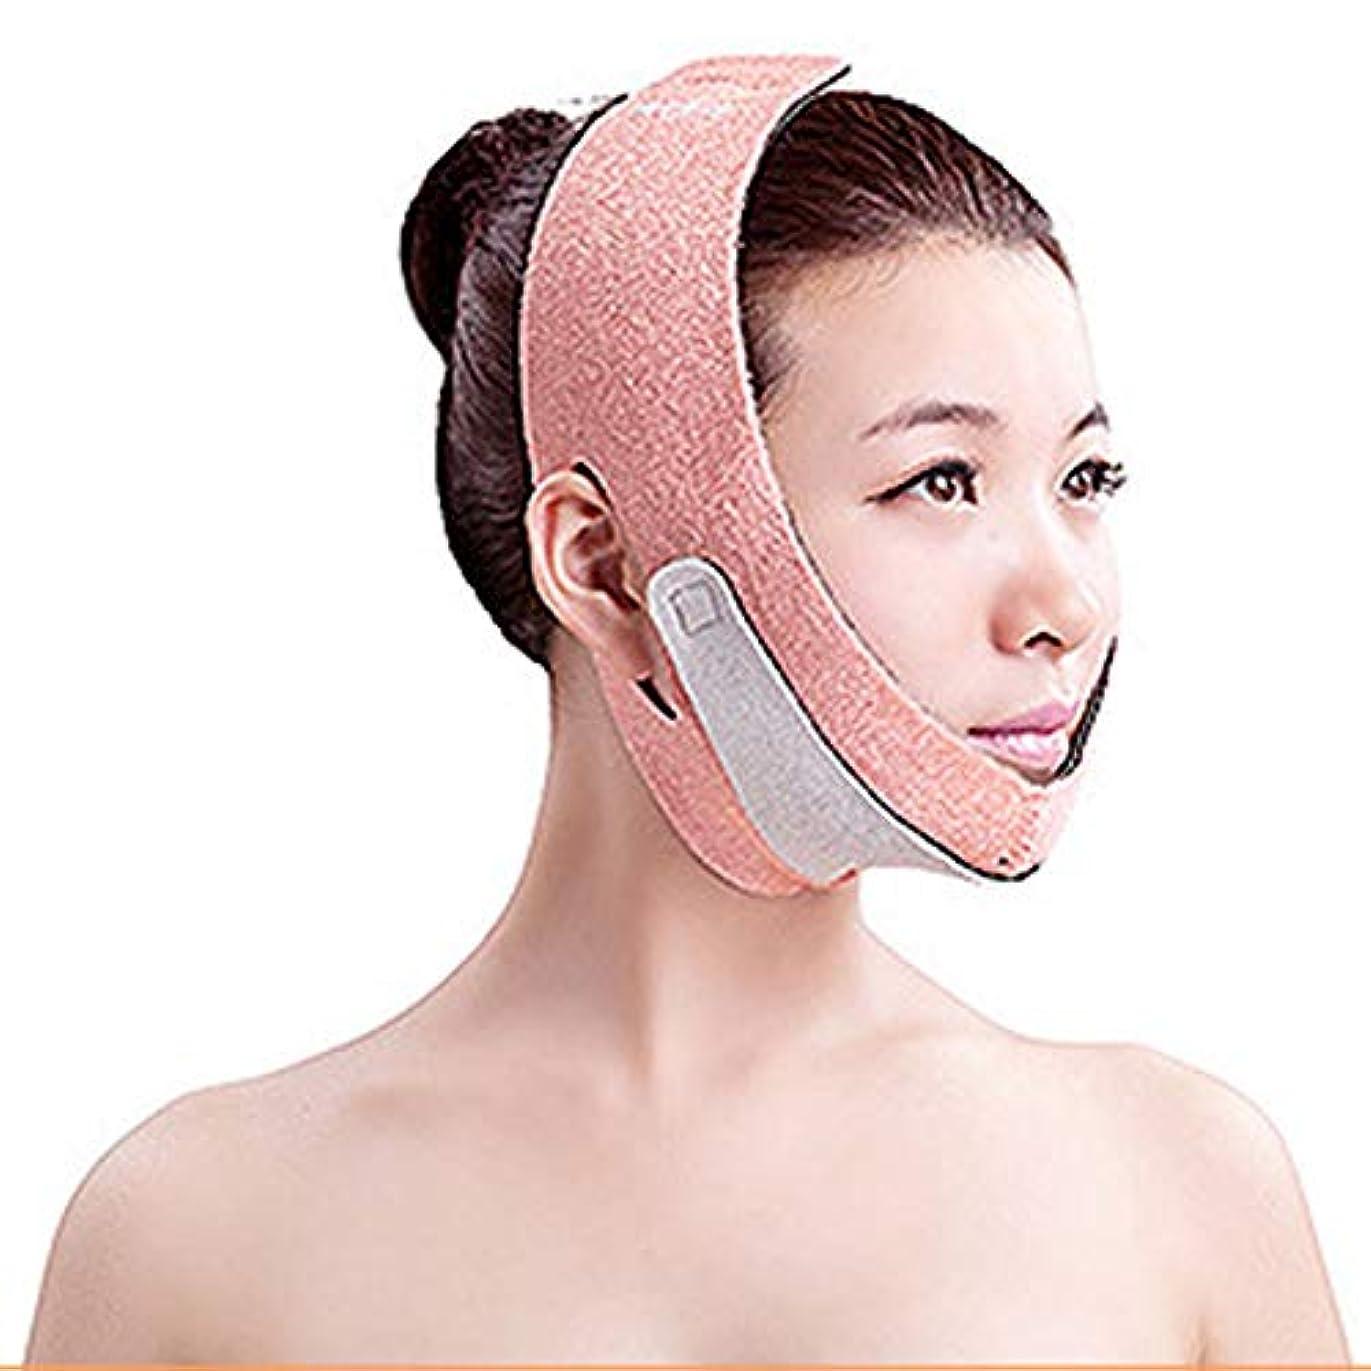 安定助言レベルV顔の強力な持ち上げツール、修正3D改装リフティング包帯二重あごの女性の抗しわの美しさフェイスリフティングアーティファクト睡眠包帯薄い顔二重あご無料呼吸,Orange